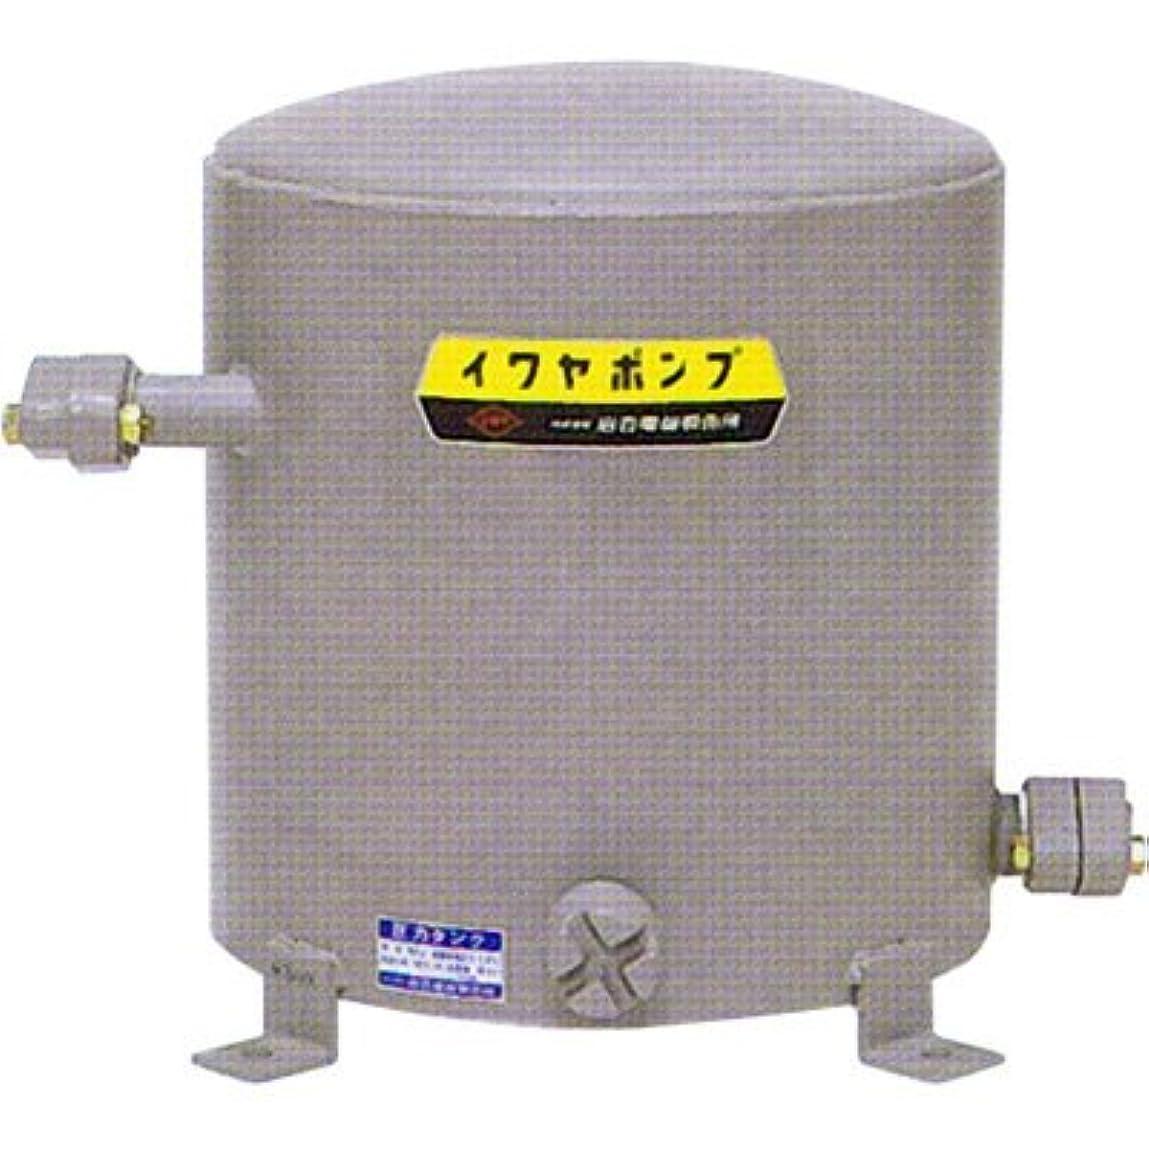 不利益名門実際にイワヤポンプ 圧力タンク 40-TJ(約35L)